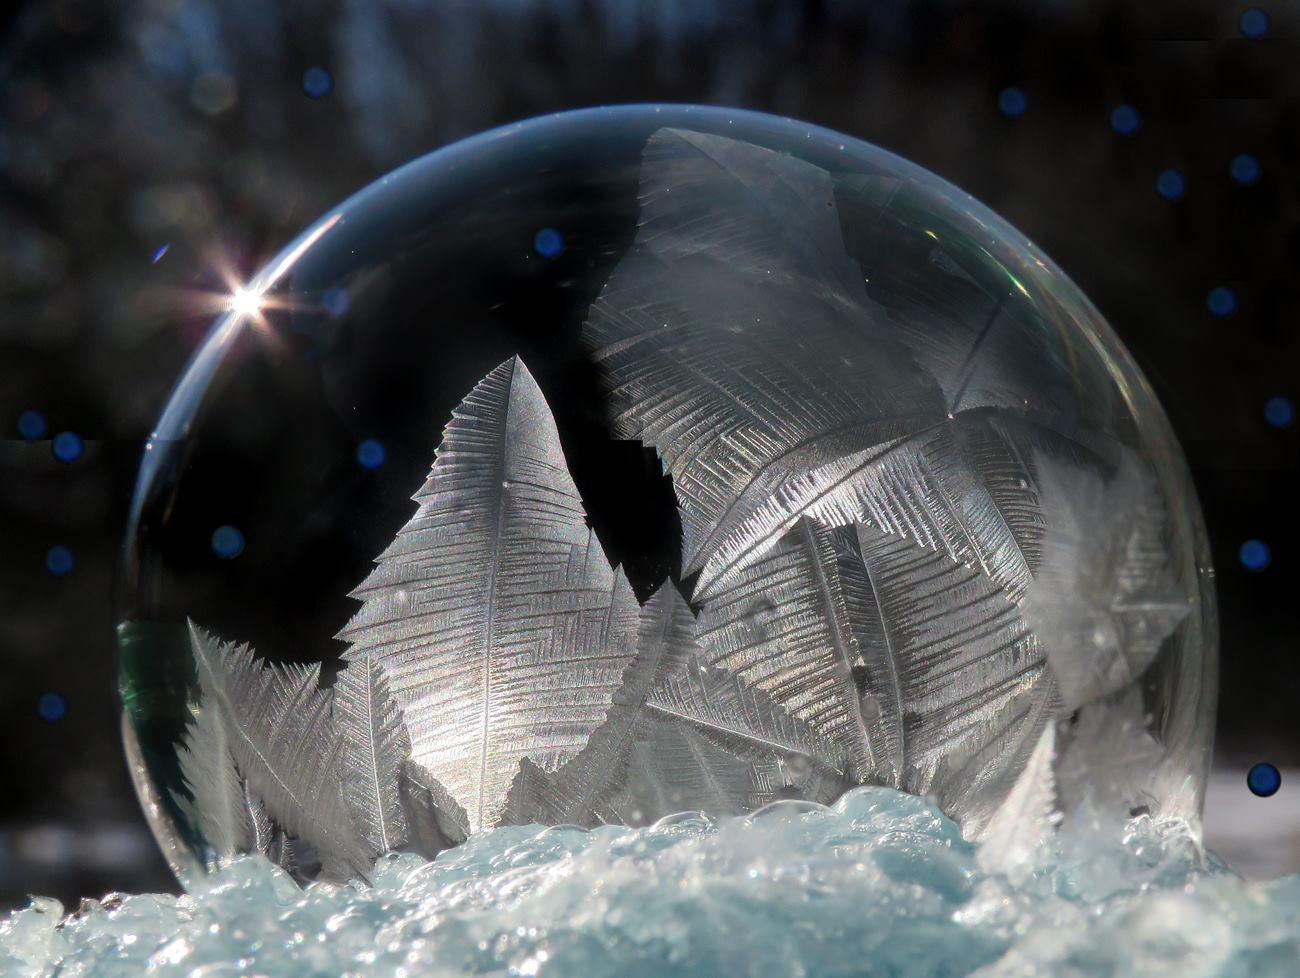 L'arte della fotografia - Pagina 2 Bolla-sapone-ghiaccio-7